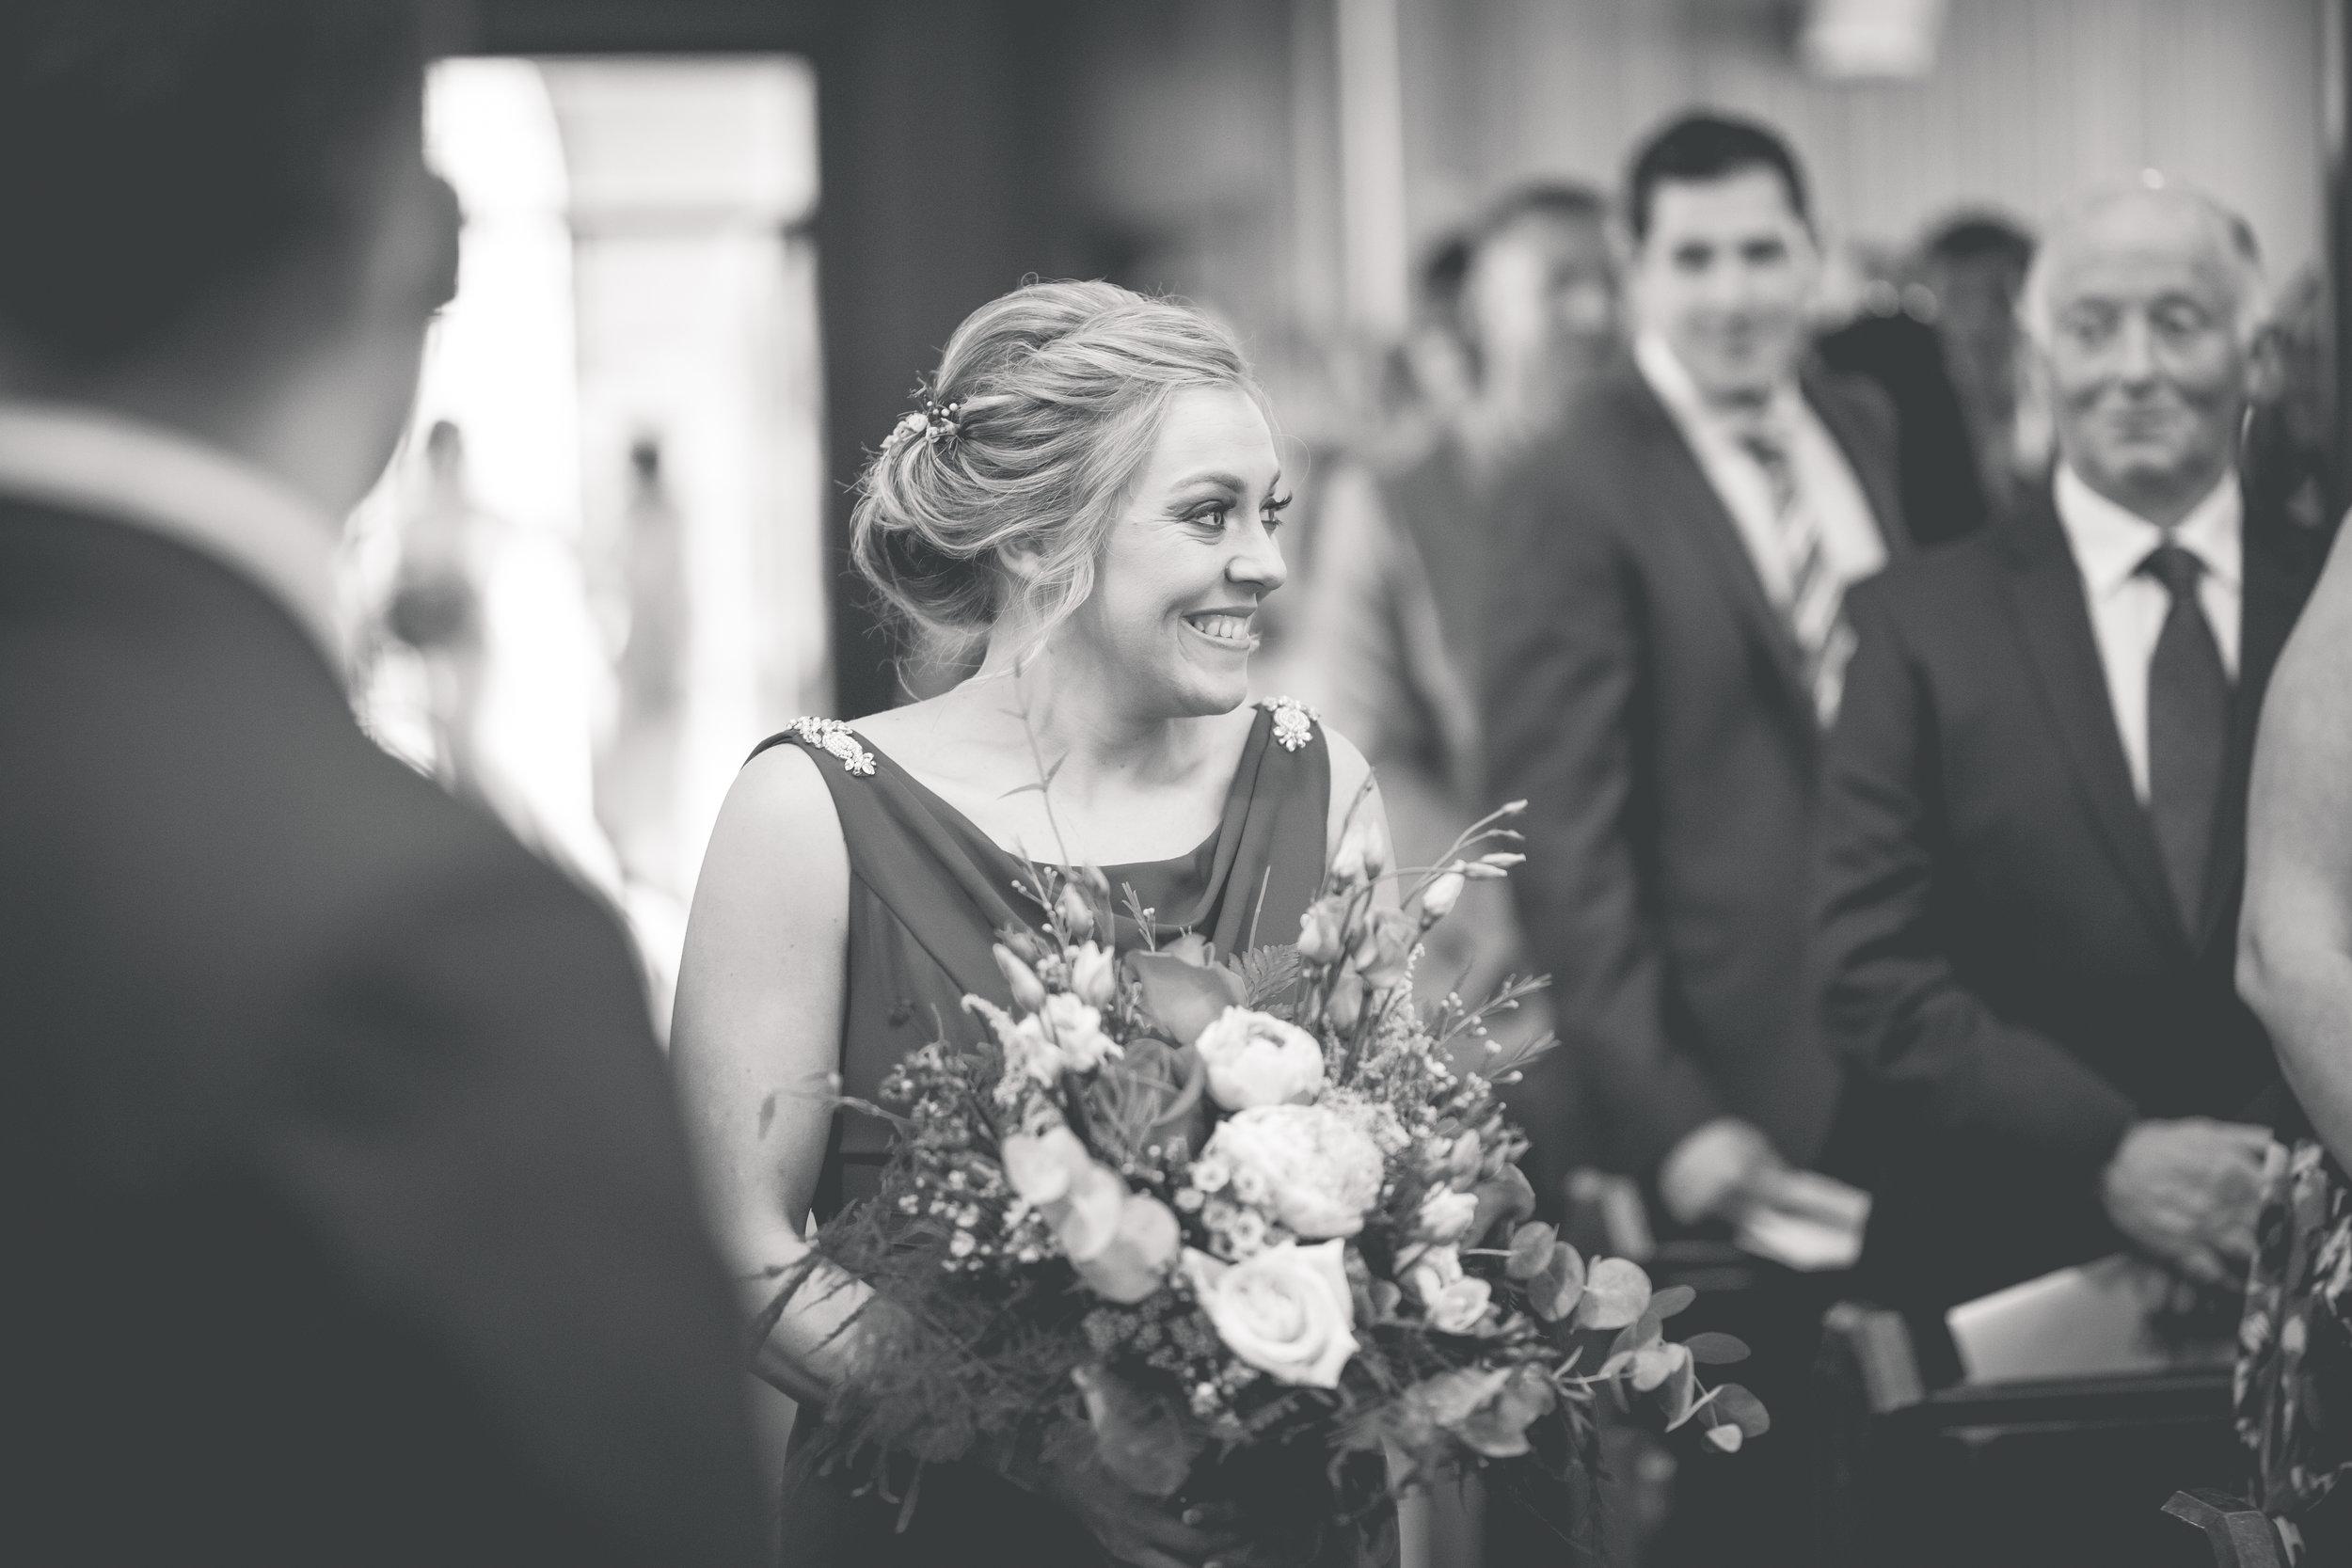 Brian McEwan Wedding Photography   Carol-Anne & Sean   The Ceremony-18.jpg